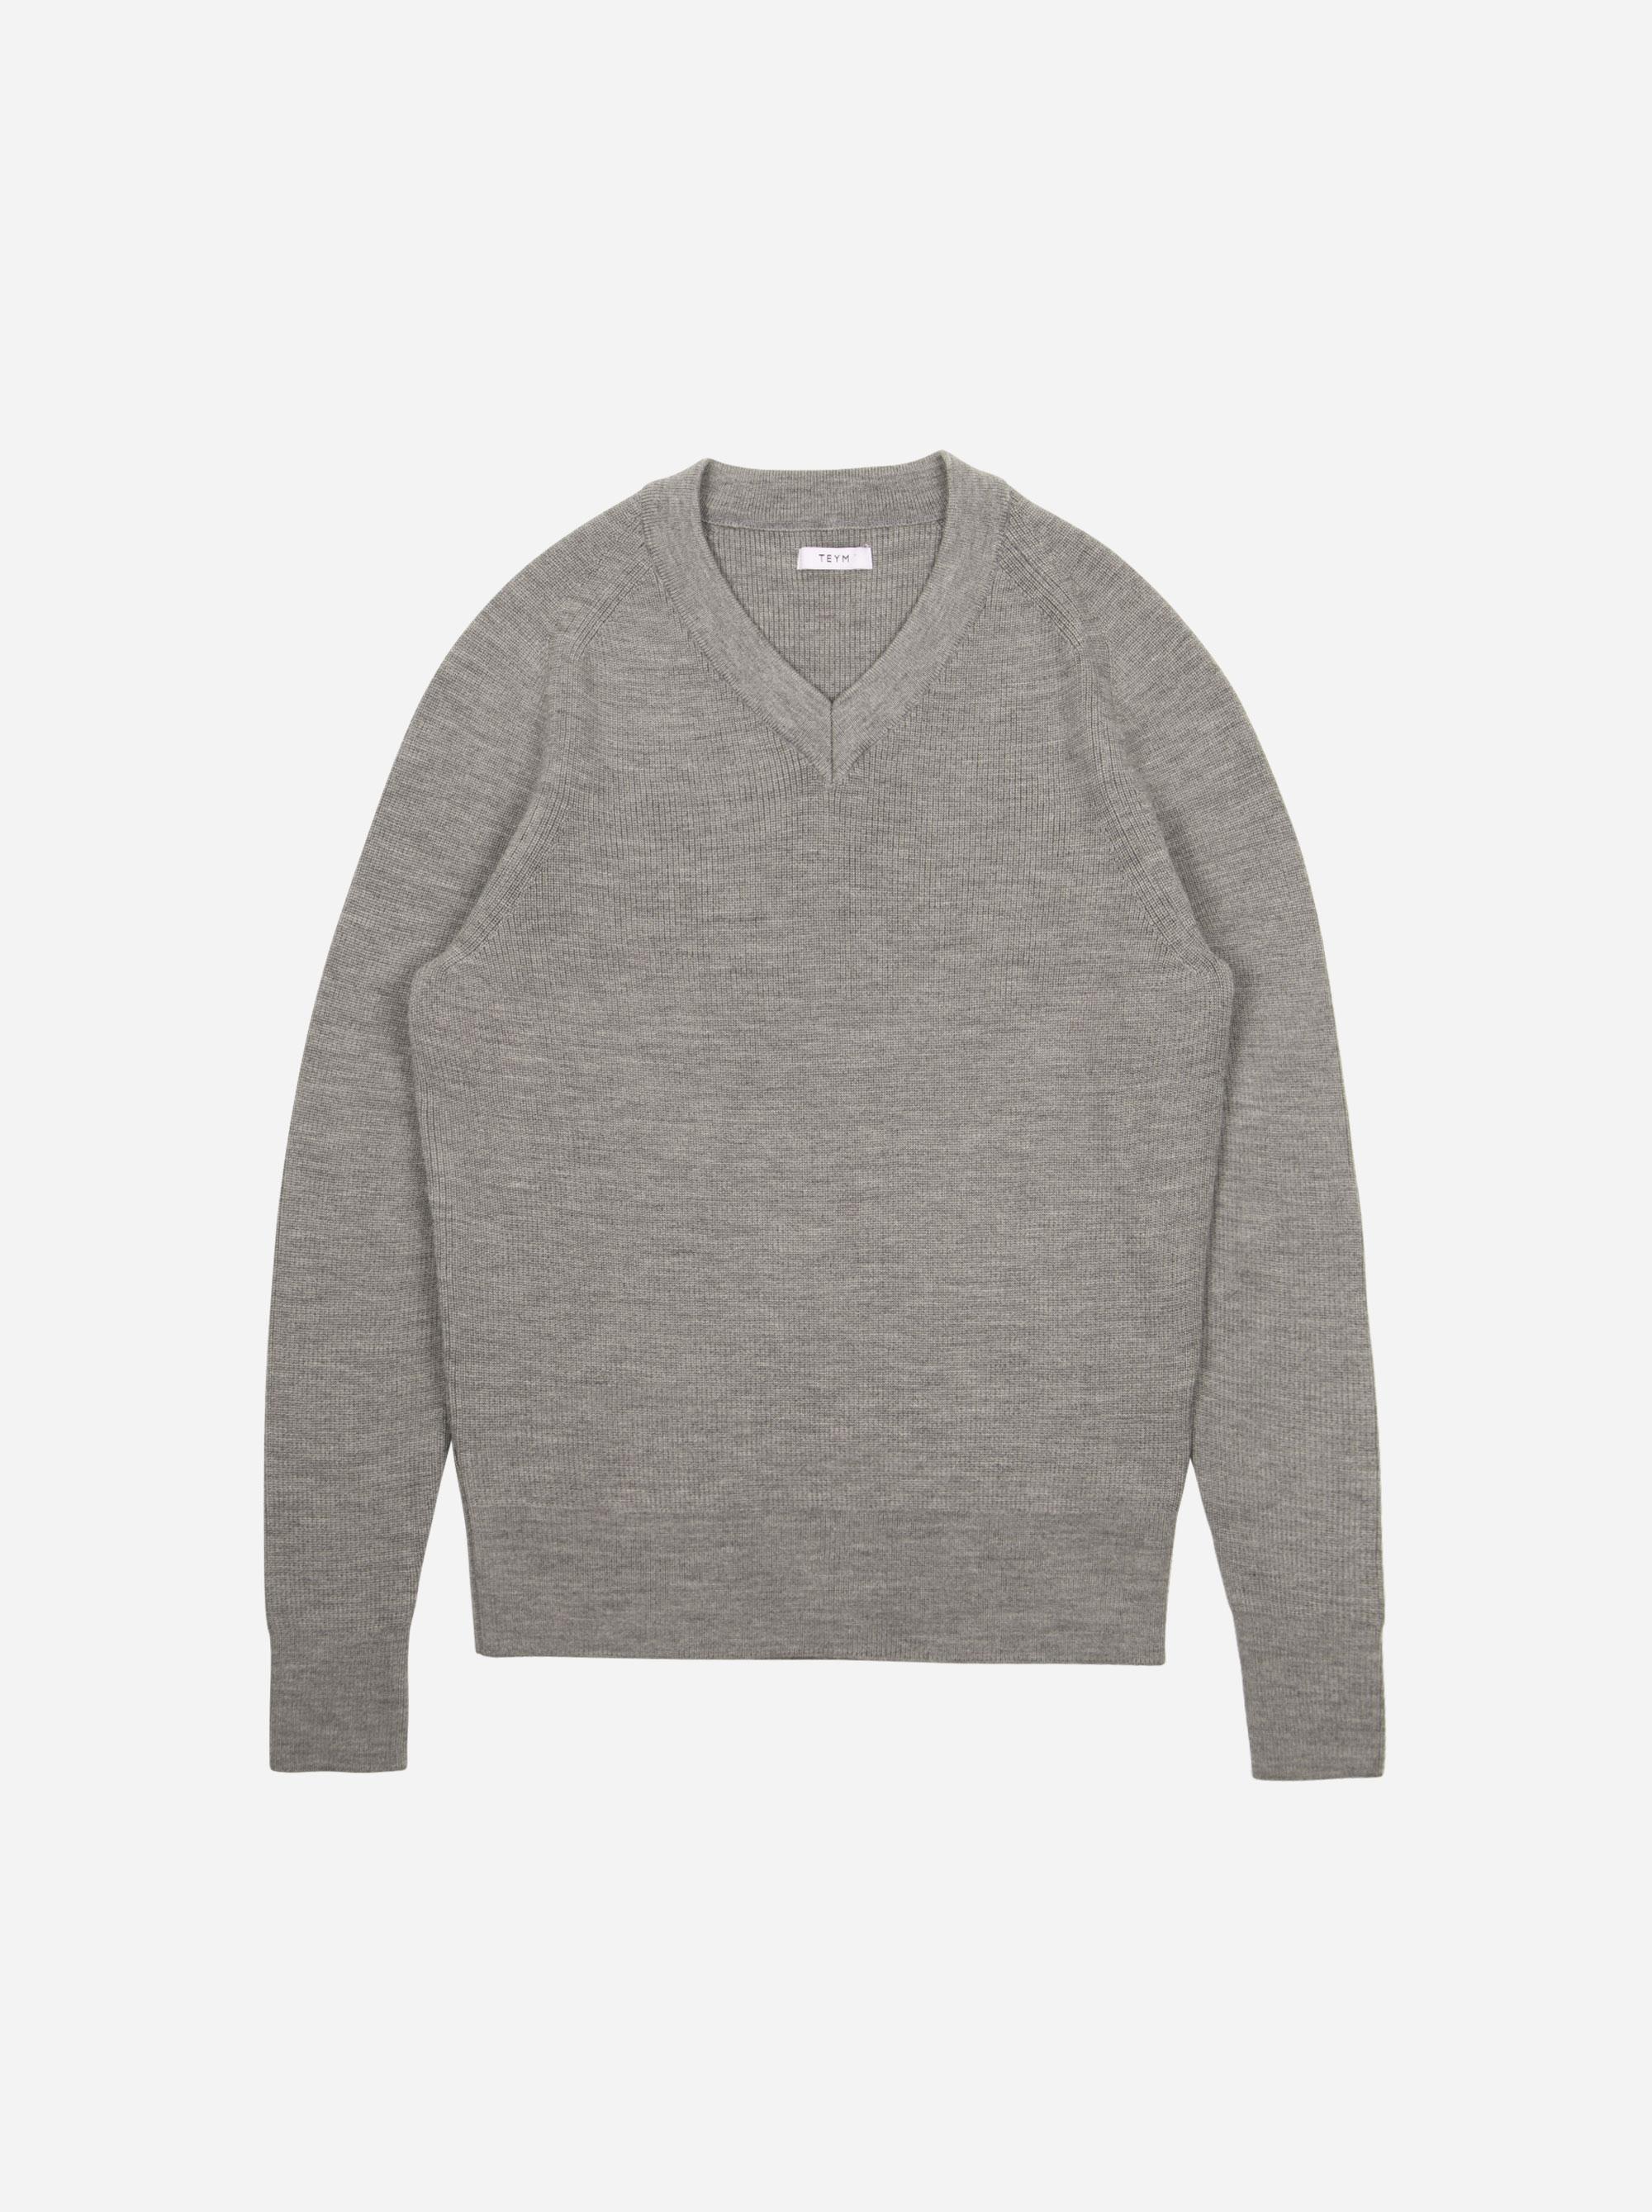 Teym - V-Neck - The Merino Sweater - Men - Grey - 6